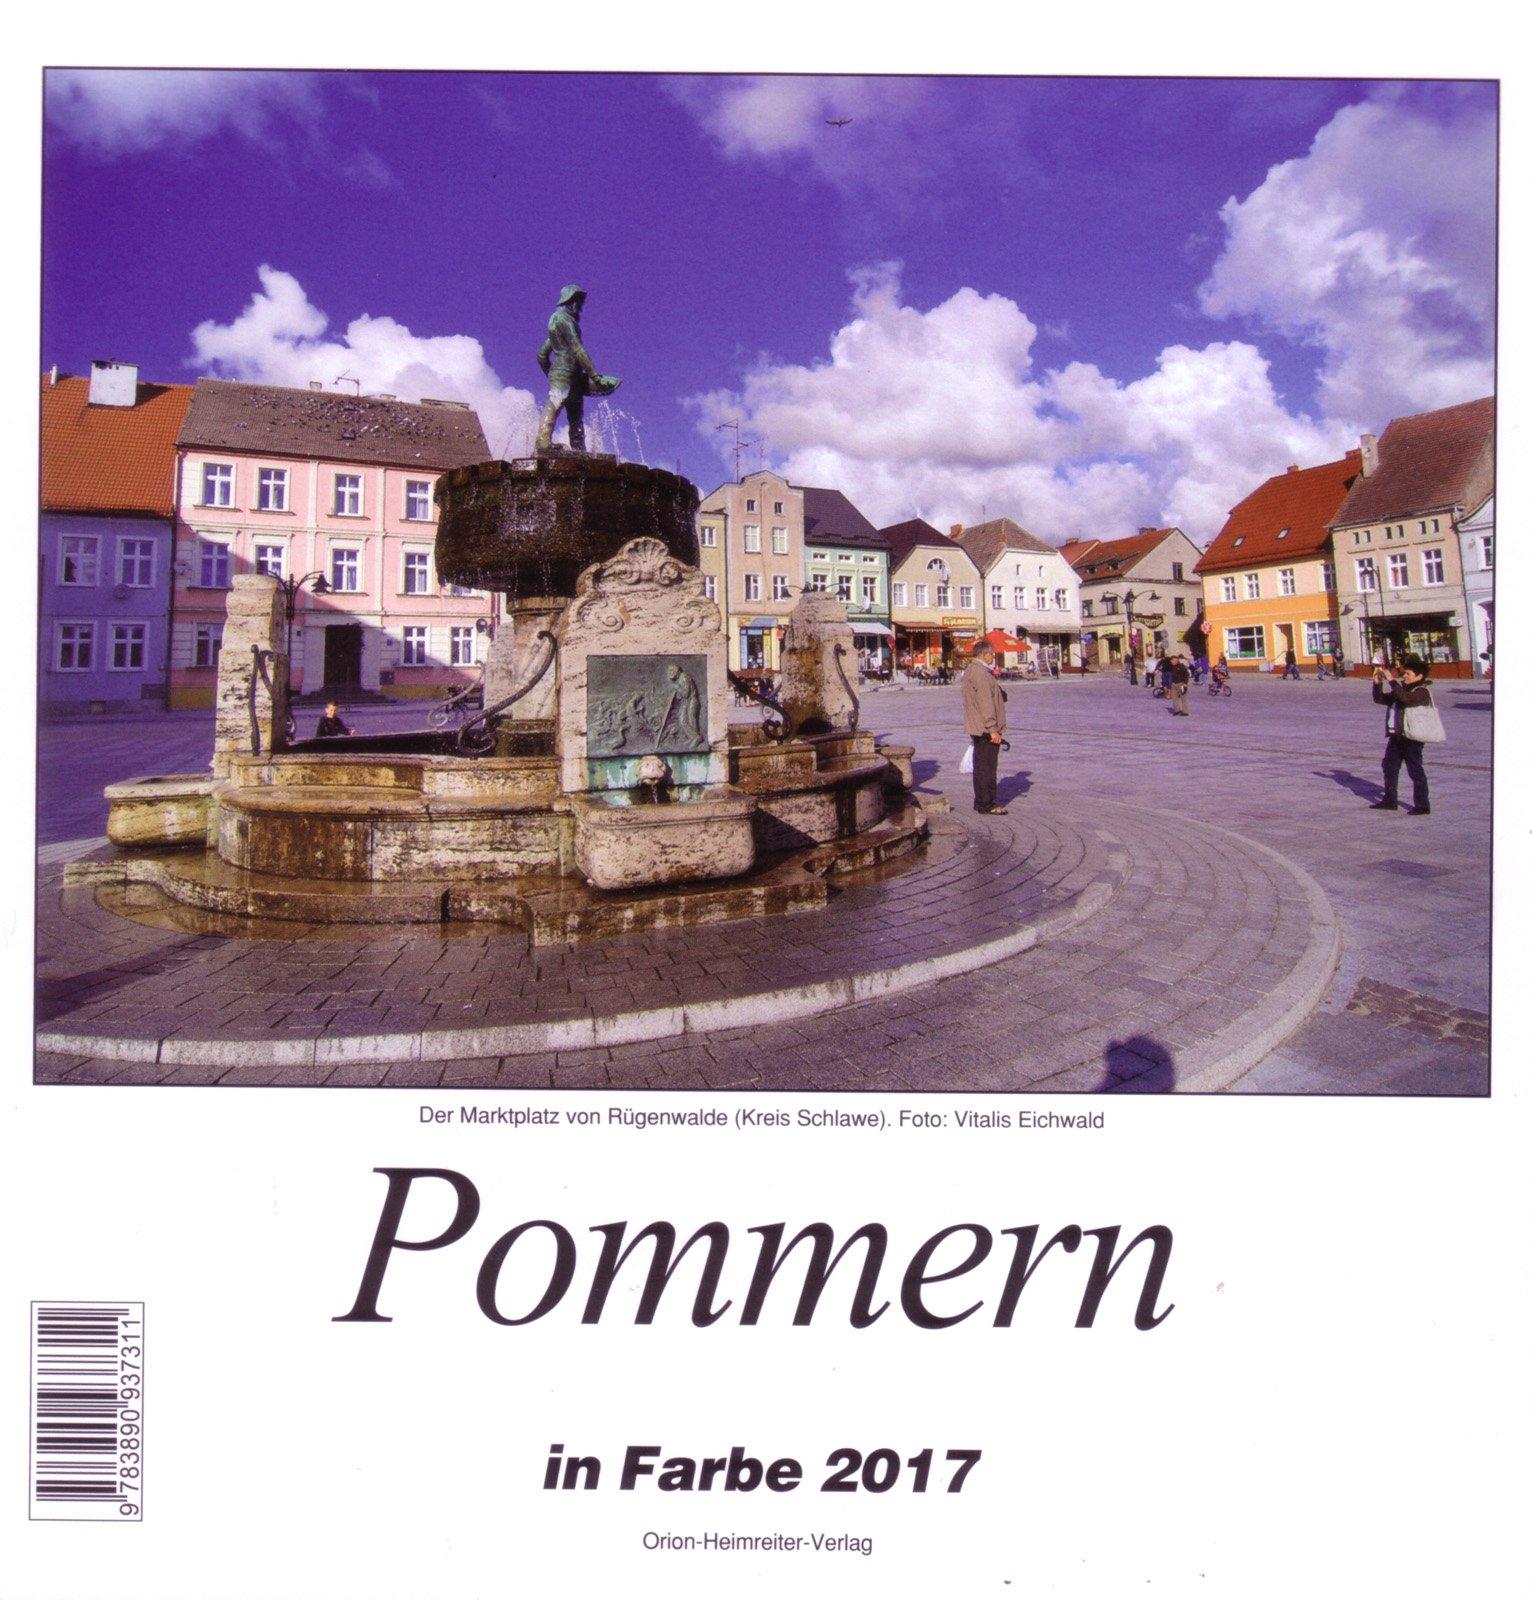 Pommern in Farbe 2017